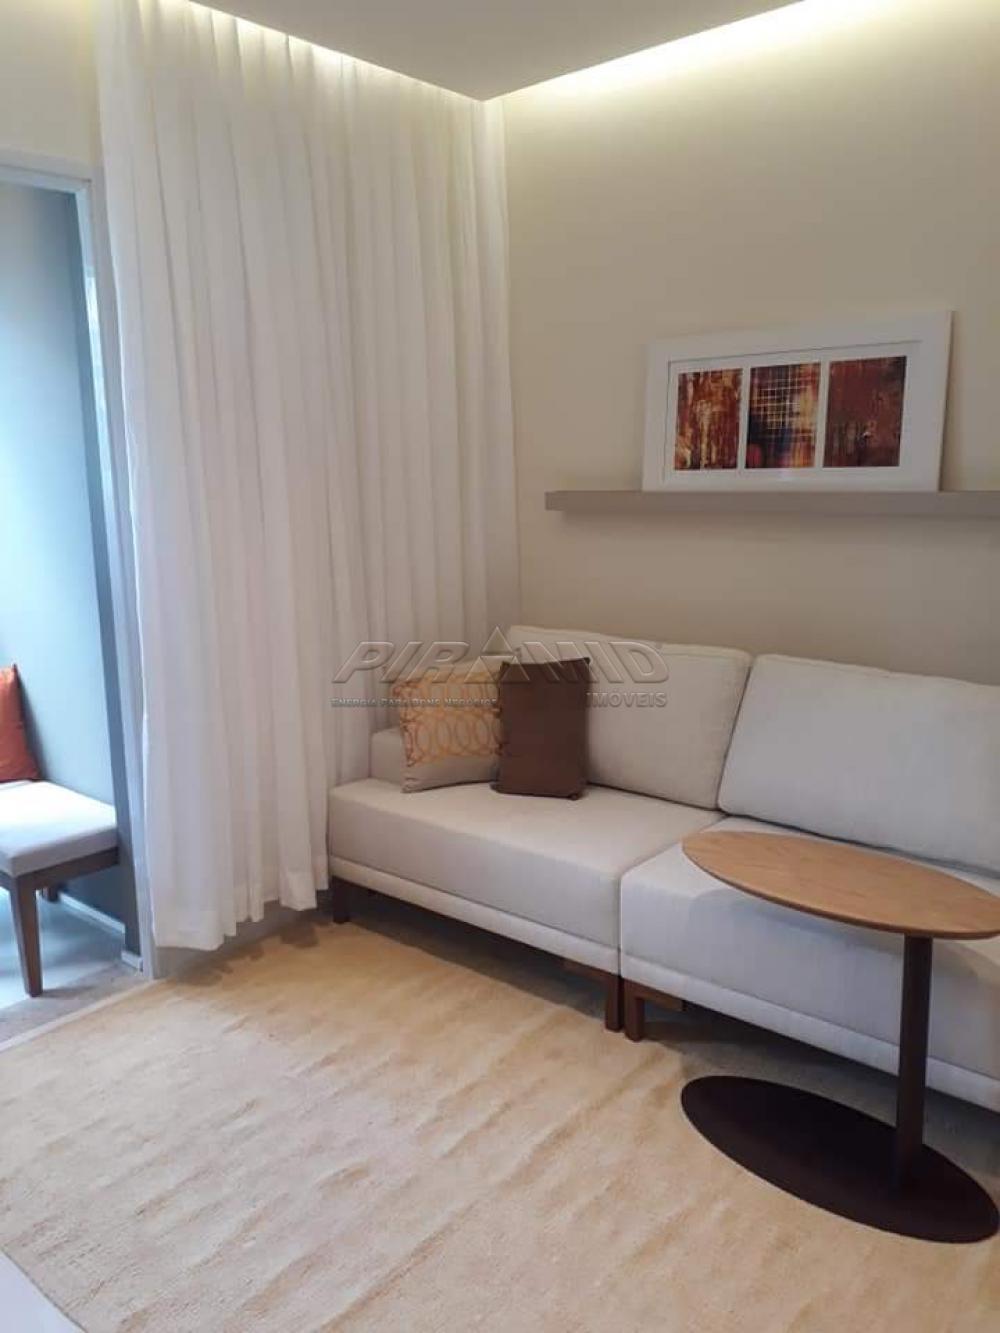 Comprar Apartamento / Lançamento em Ribeirão Preto R$ 276.595,20 - Foto 23